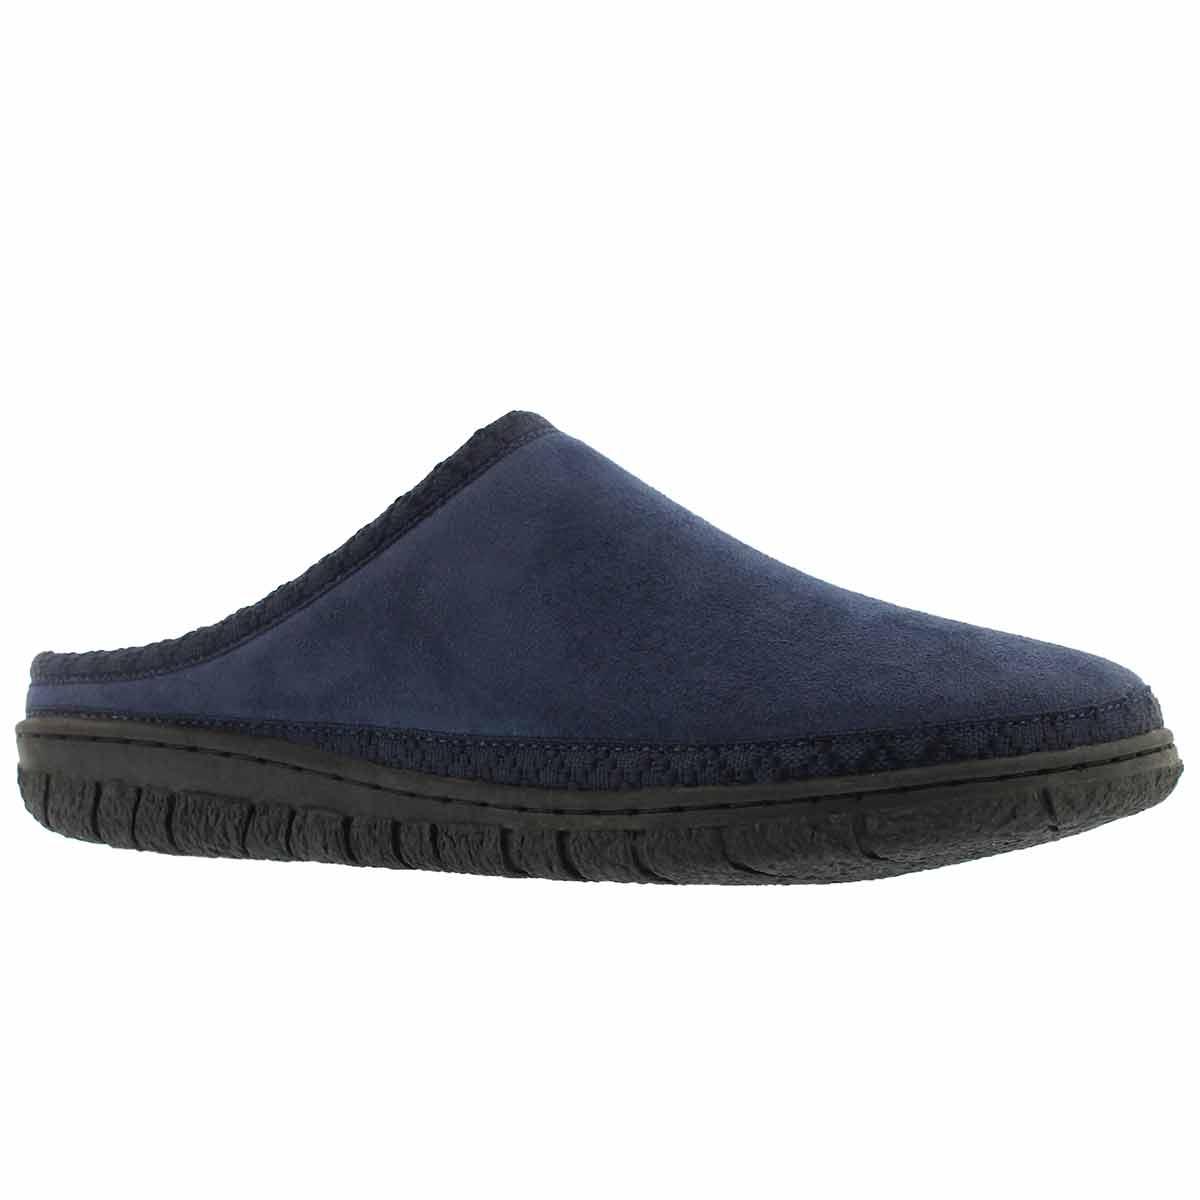 Women's SATURN navy memory foam slippers